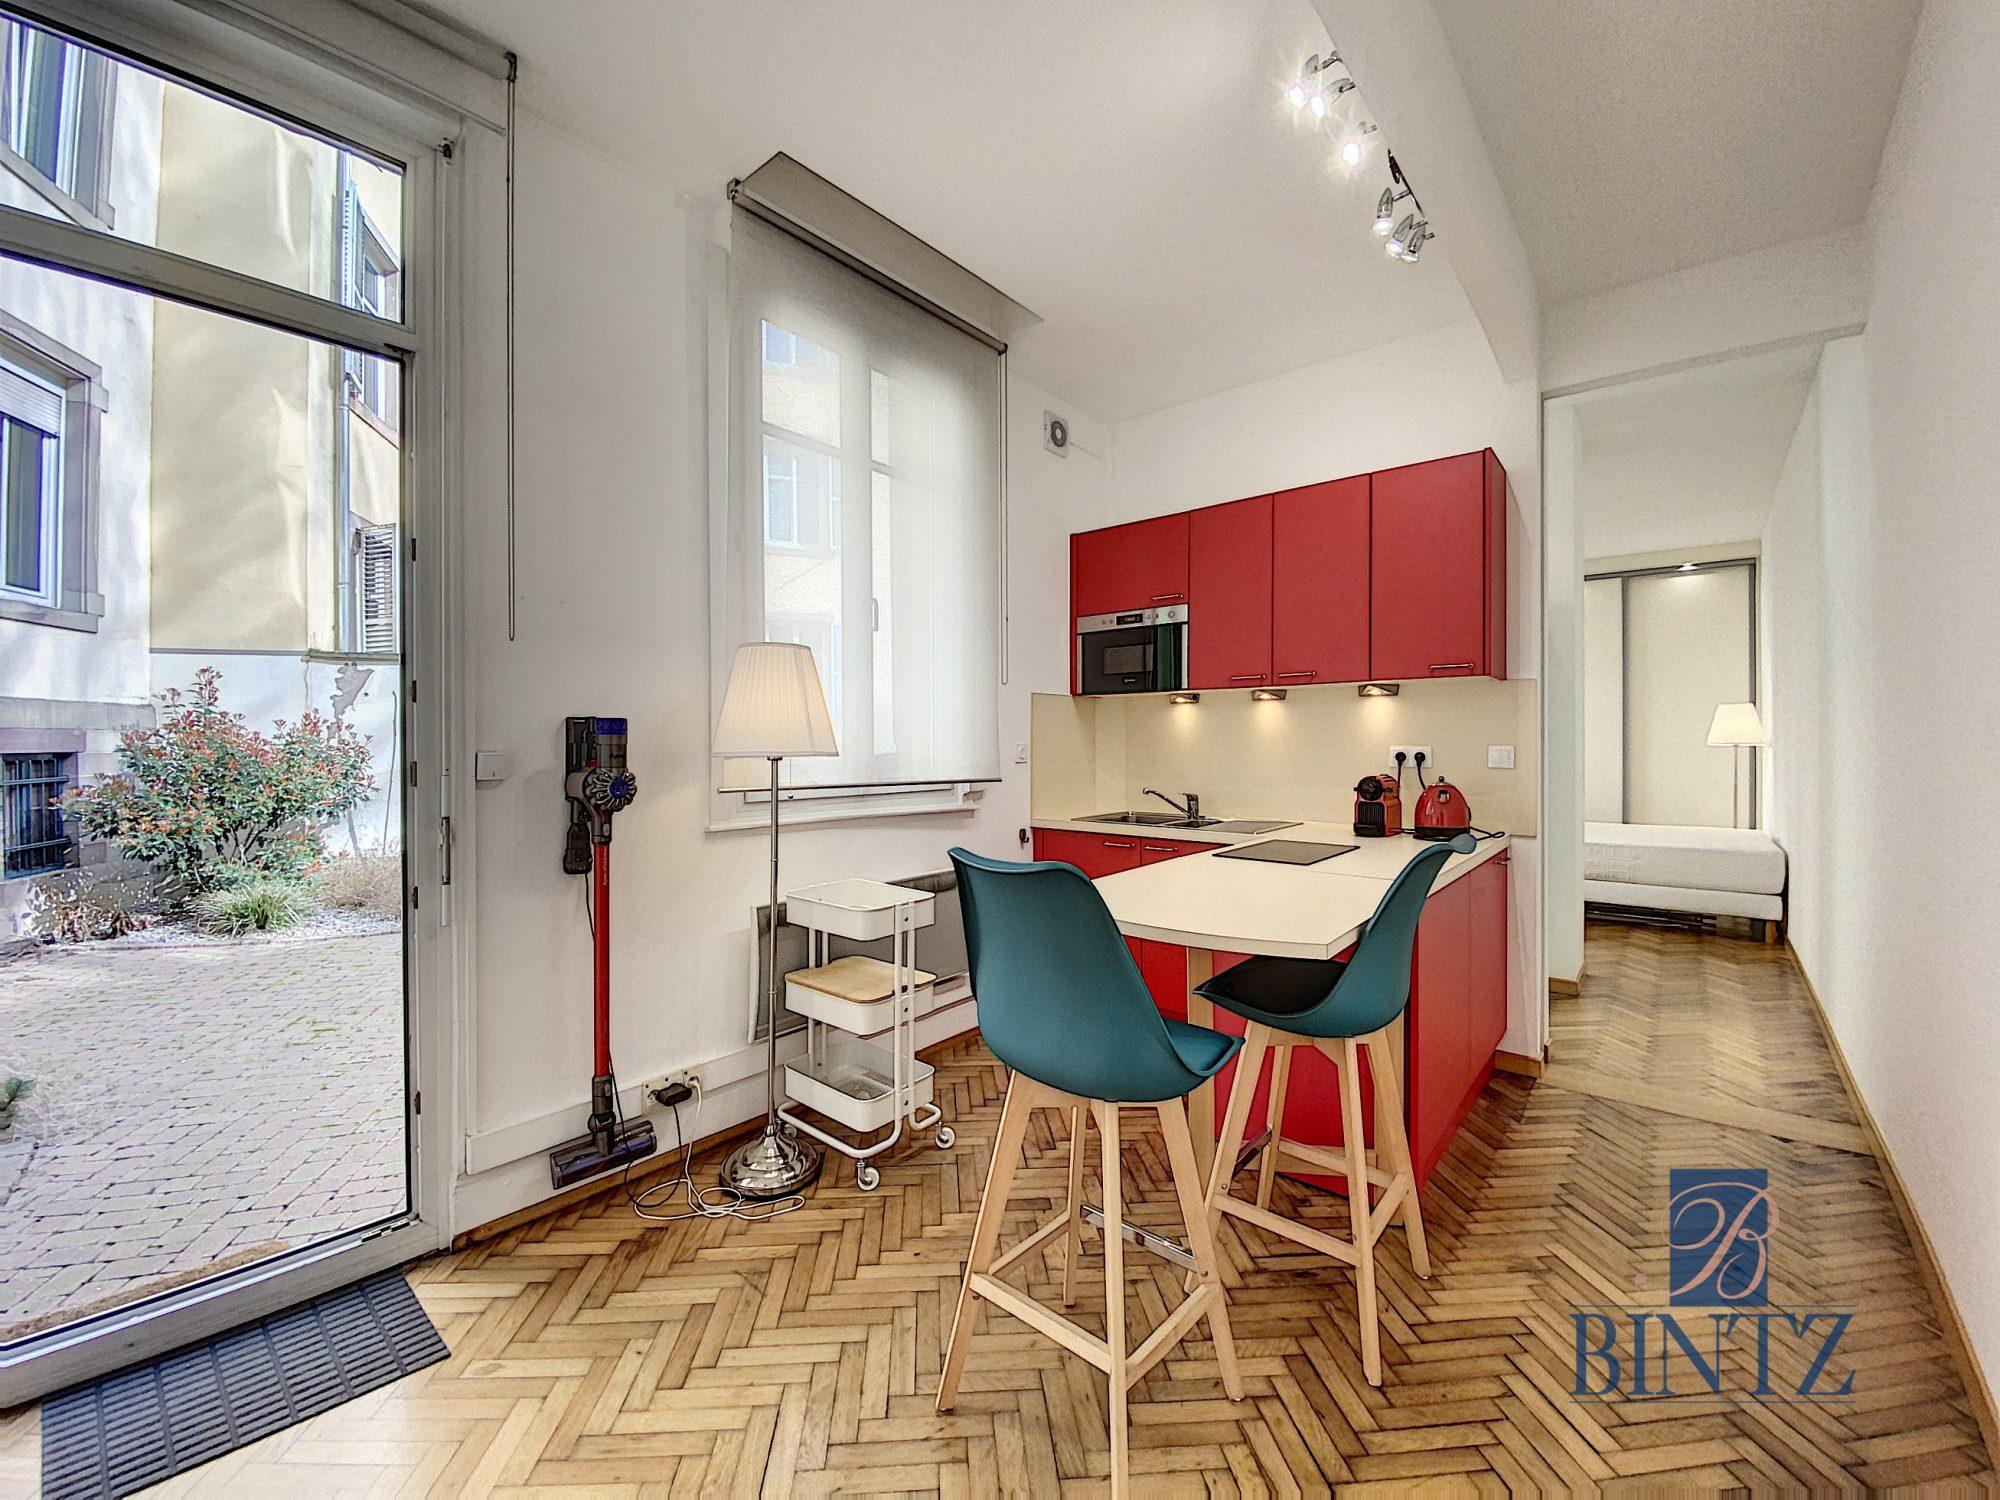 GRAND 1PIÈCE MEUBLÉ NEUSTADT - Devenez locataire en toute sérénité - Bintz Immobilier - 1